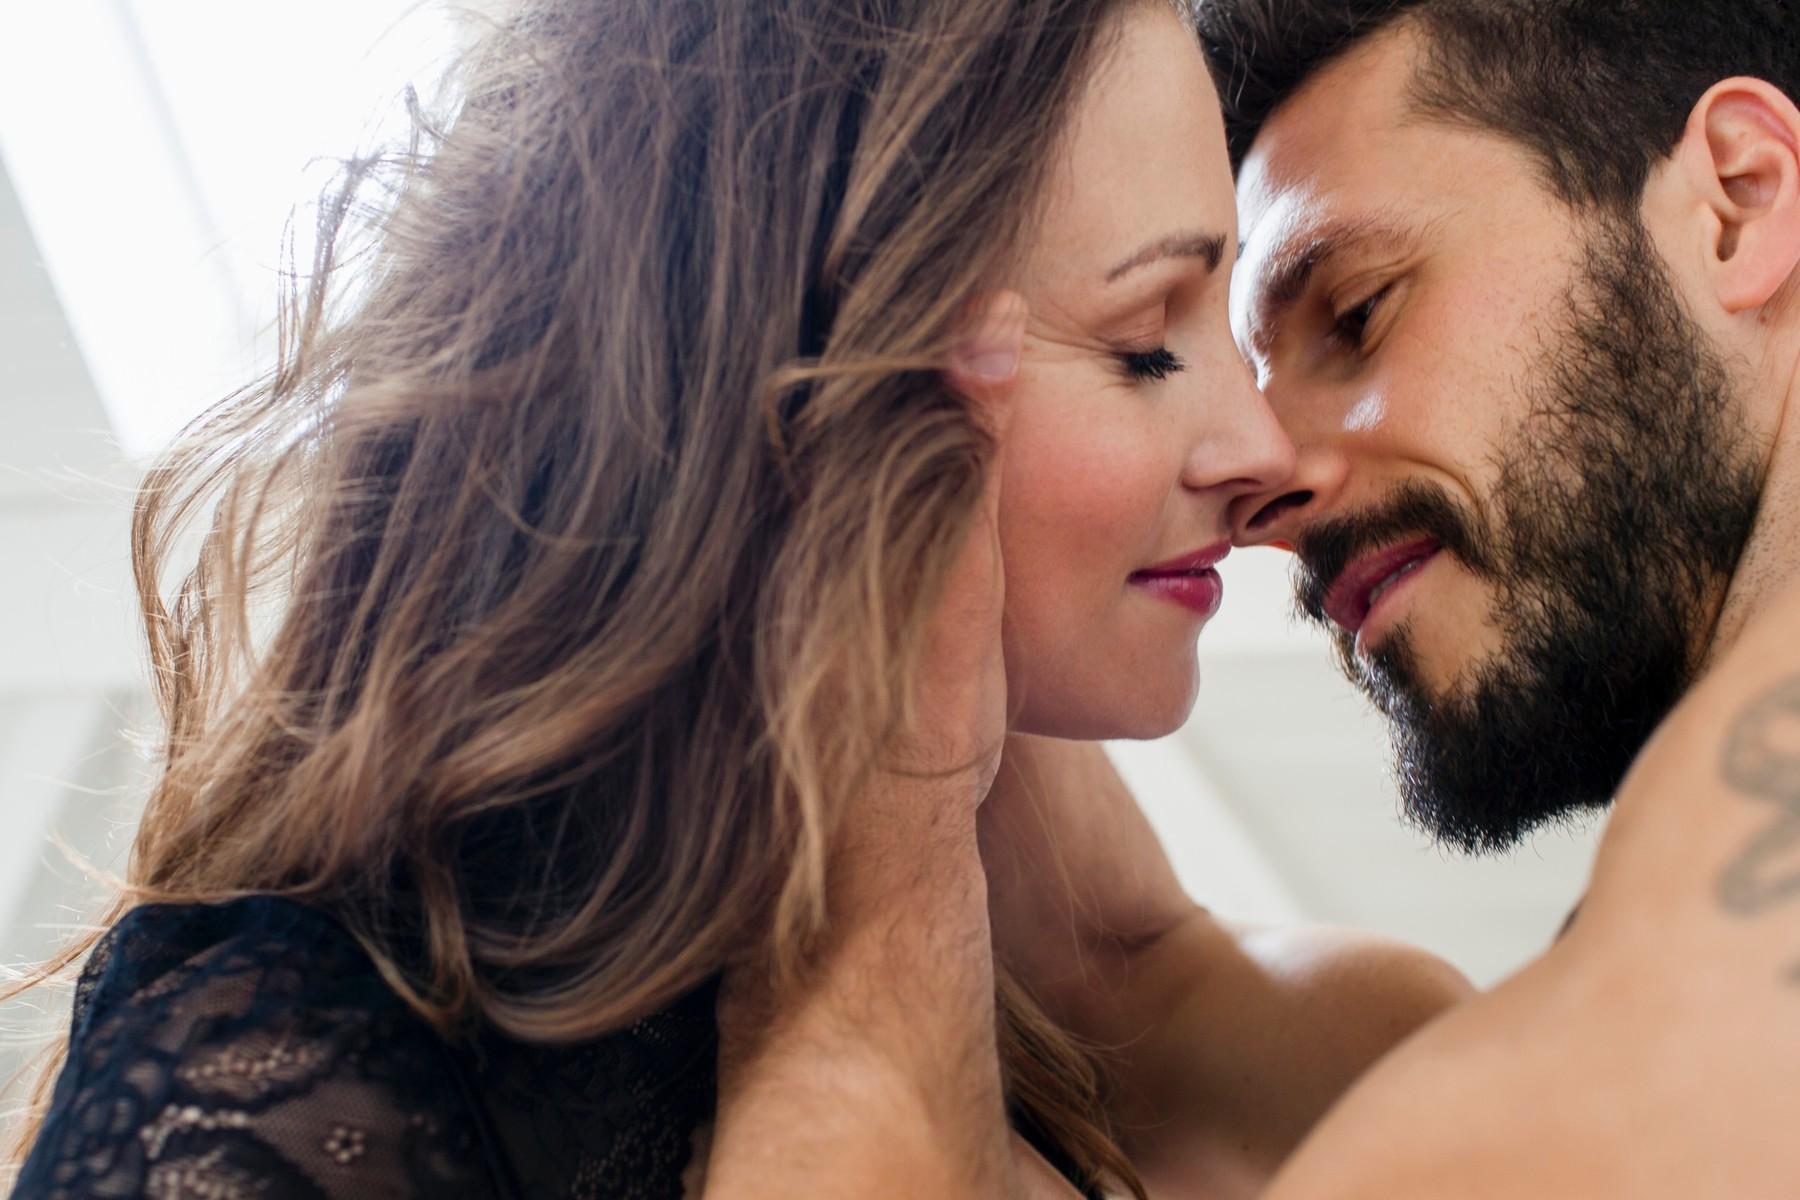 zena-i-bradati-muskarac-se-ljube